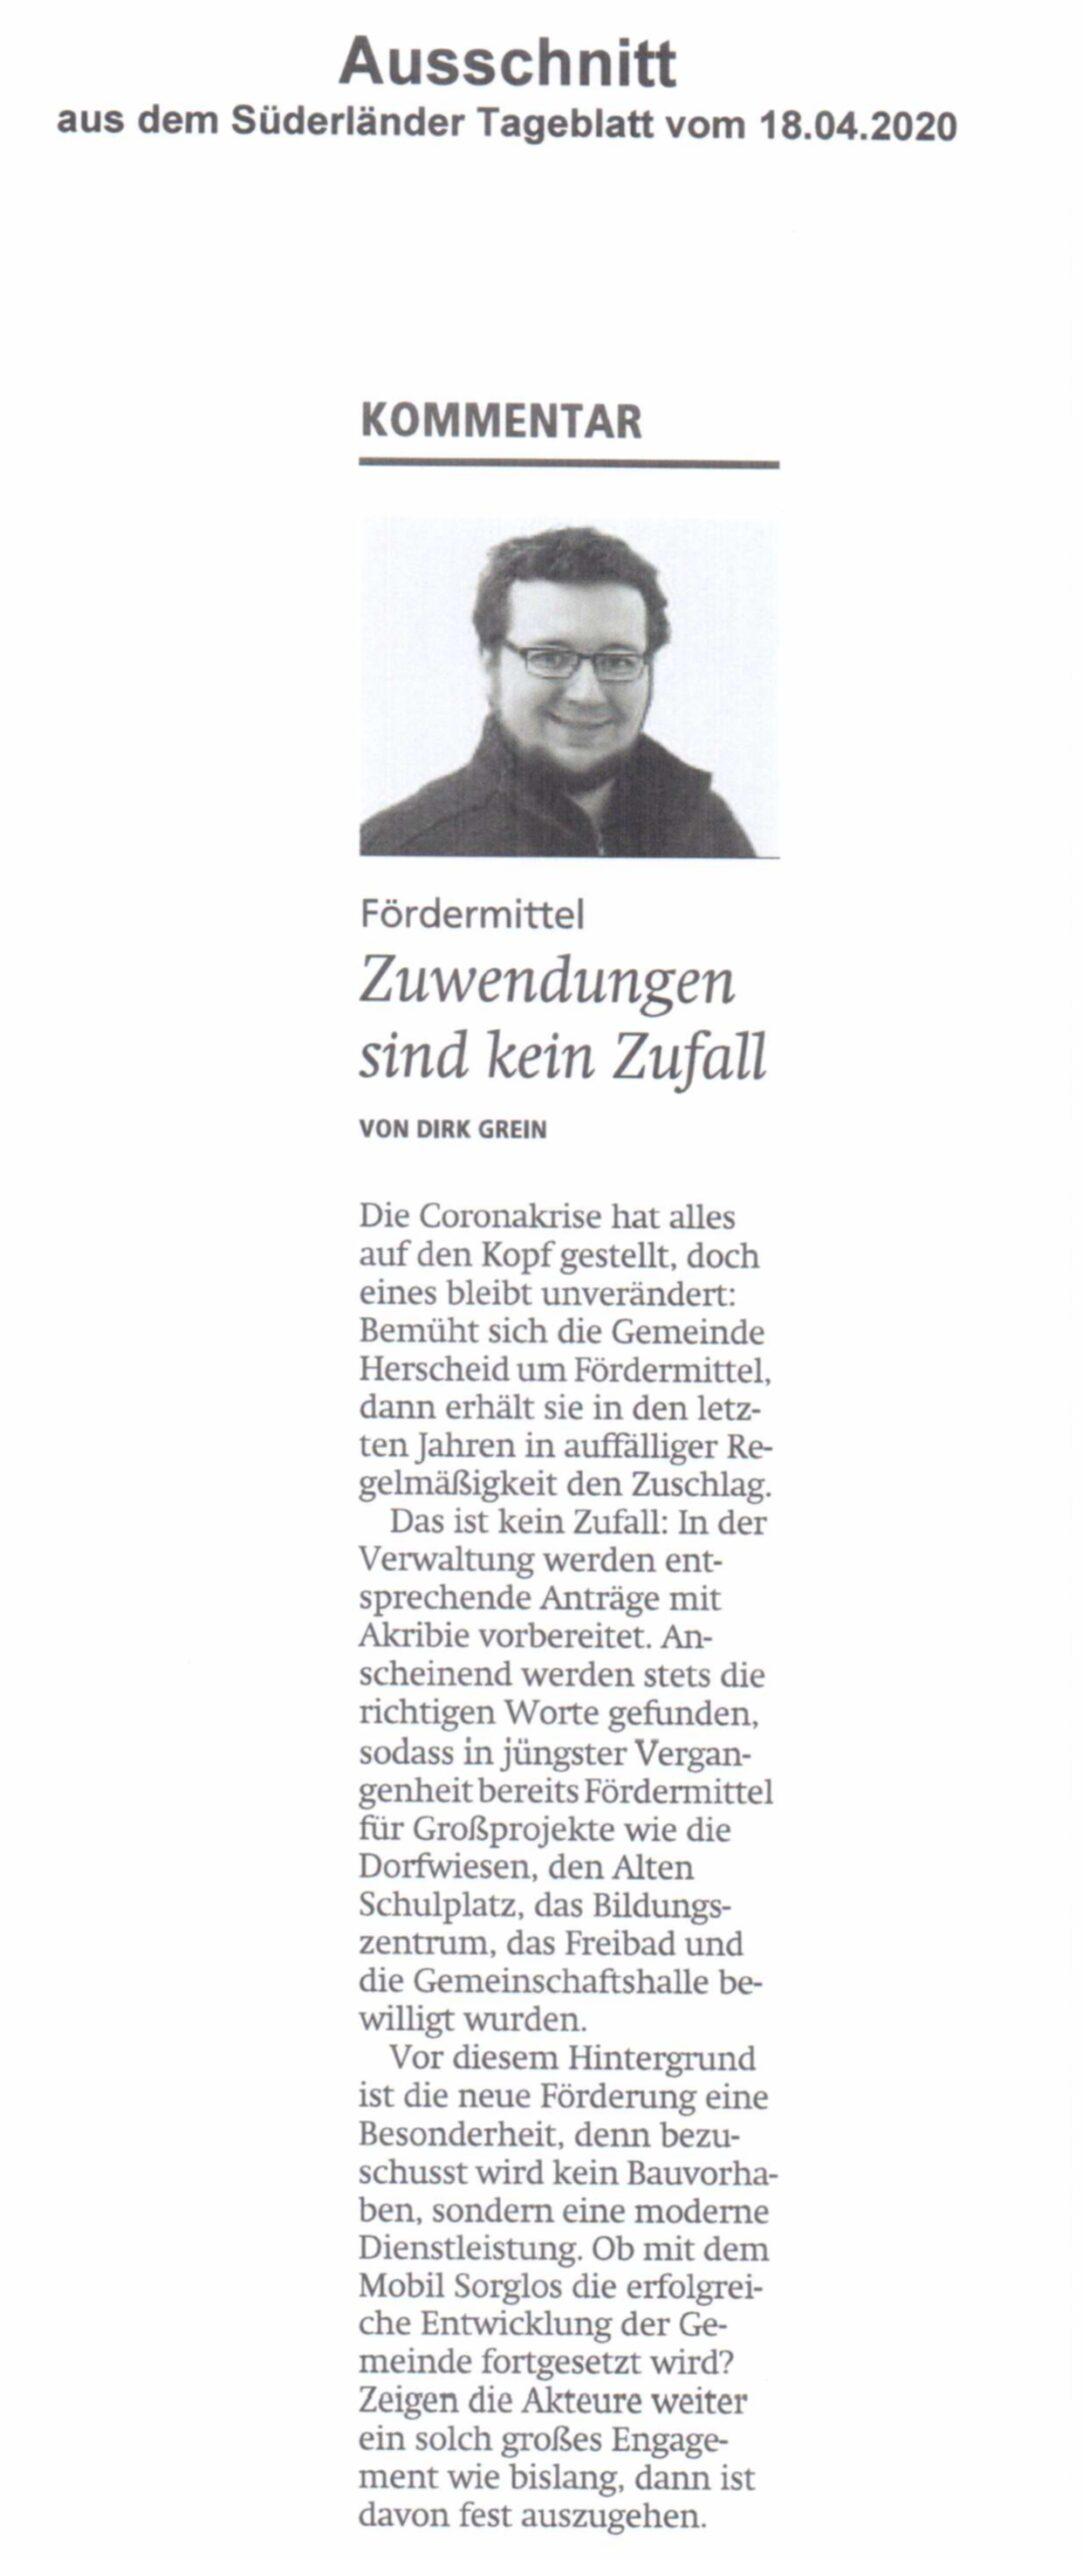 Bild Süderländer Tageblatt Kommentar vom 18-04-2020